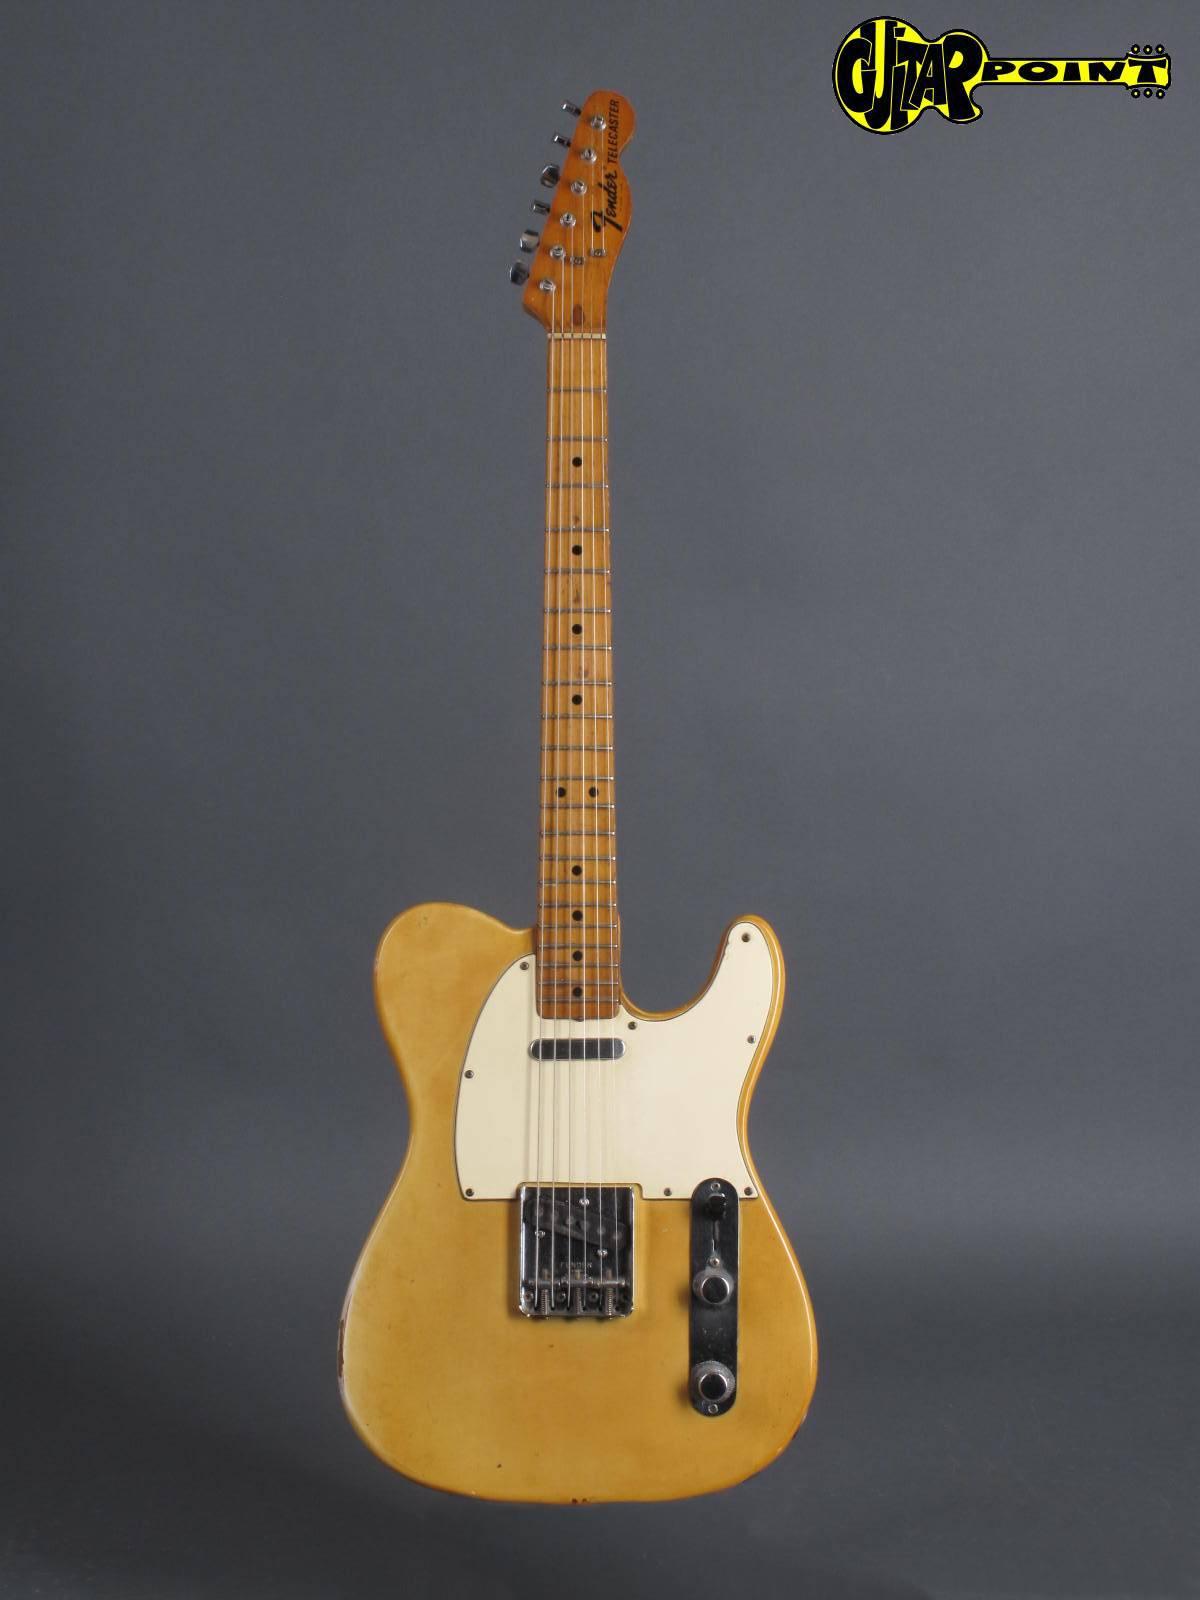 fender telecaster 1972 blond guitar for sale guitarpoint. Black Bedroom Furniture Sets. Home Design Ideas